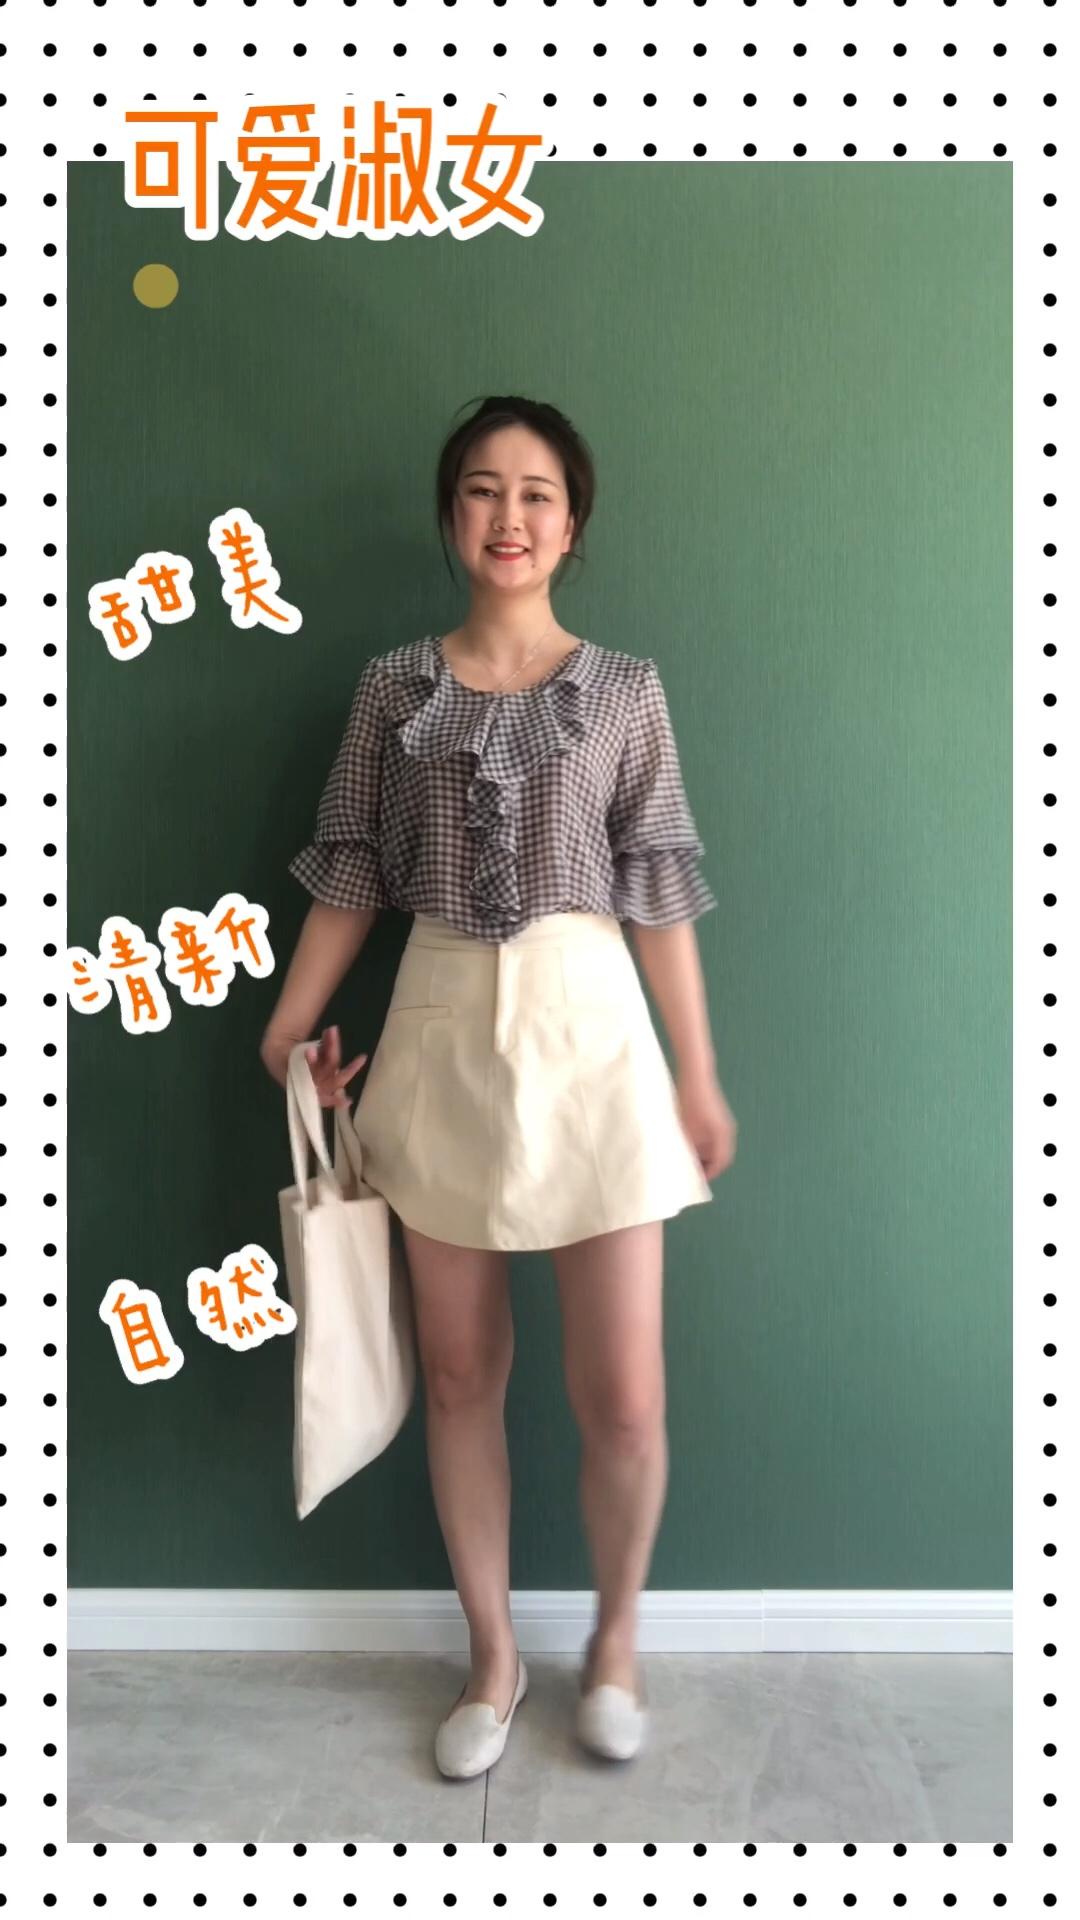 #夏日这么穿,不惧小肚腩!#  荷叶边短袖➕短裙 可爱 舒适 大方 夏日约会 出游都是可以的哦😉😉